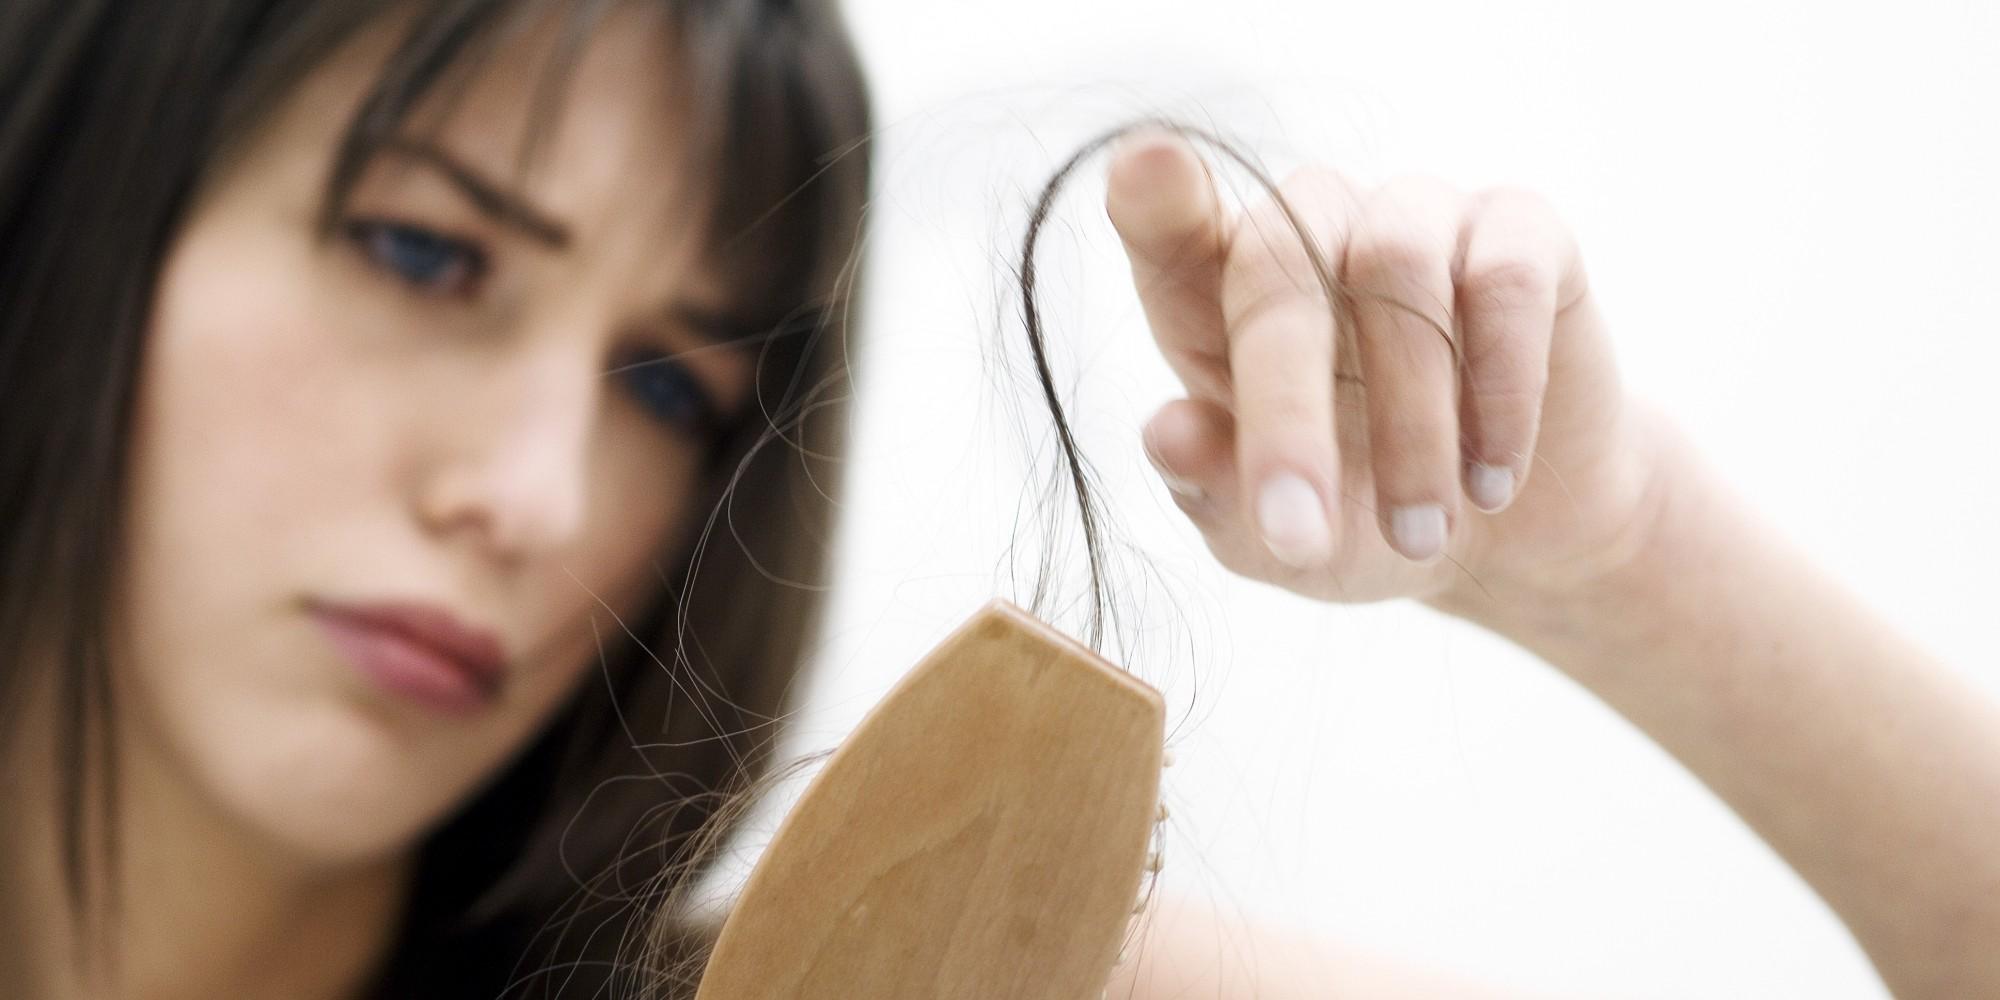 بالصور علاج سقوط الشعر , افضل النصائح والوصفات لعلاج تساقط الشعر 5910 2